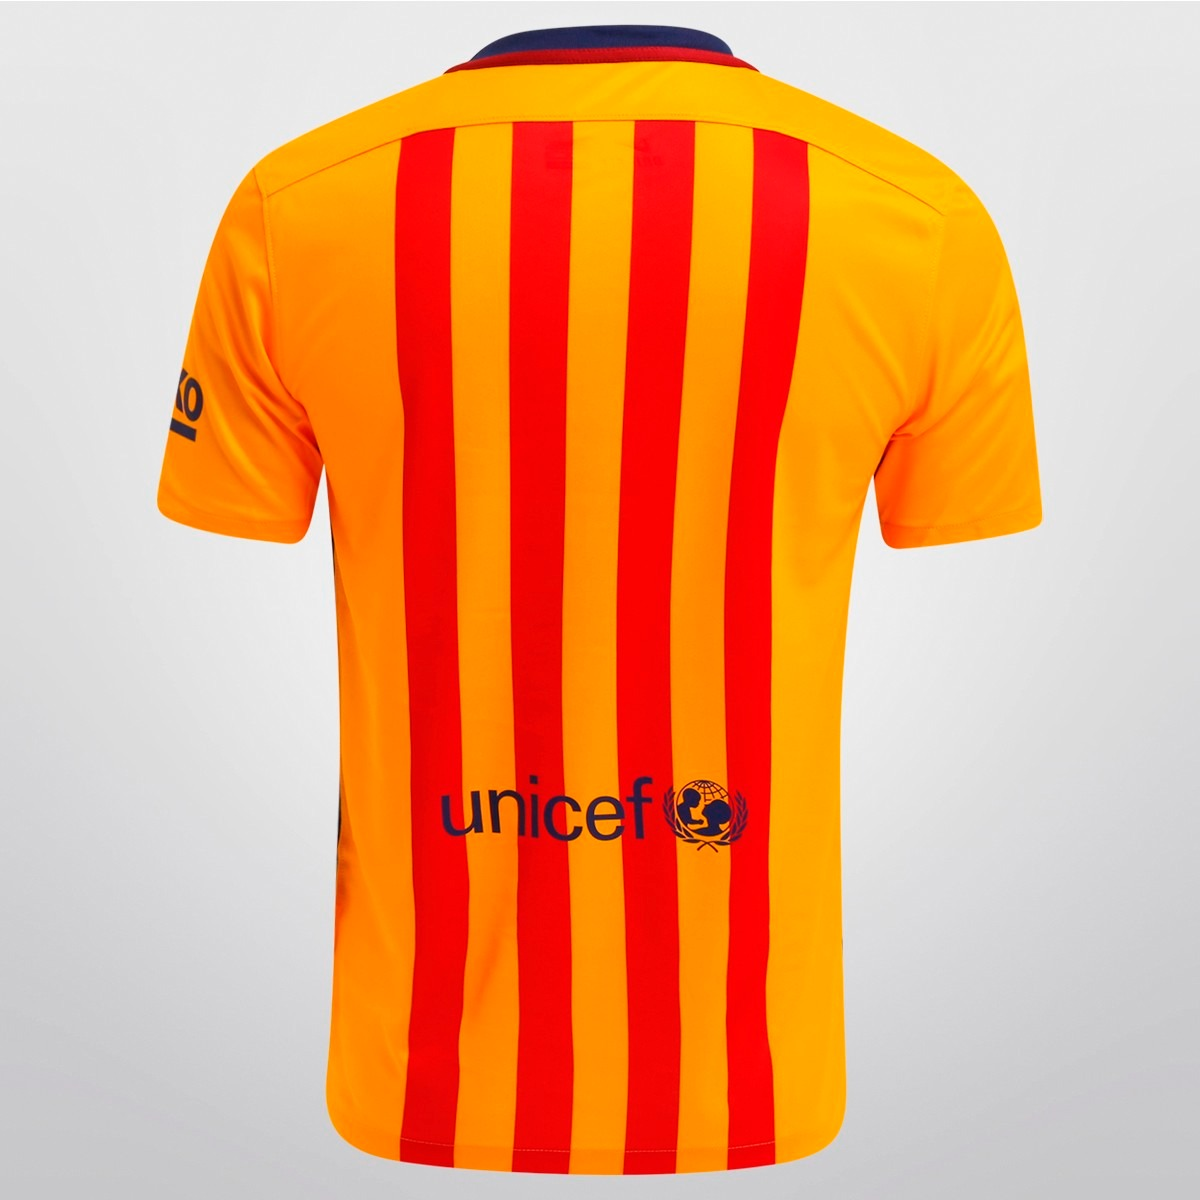 camisa barcelona nike infantil 2015 16 home e away. Carregando zoom. 17afc11bf77